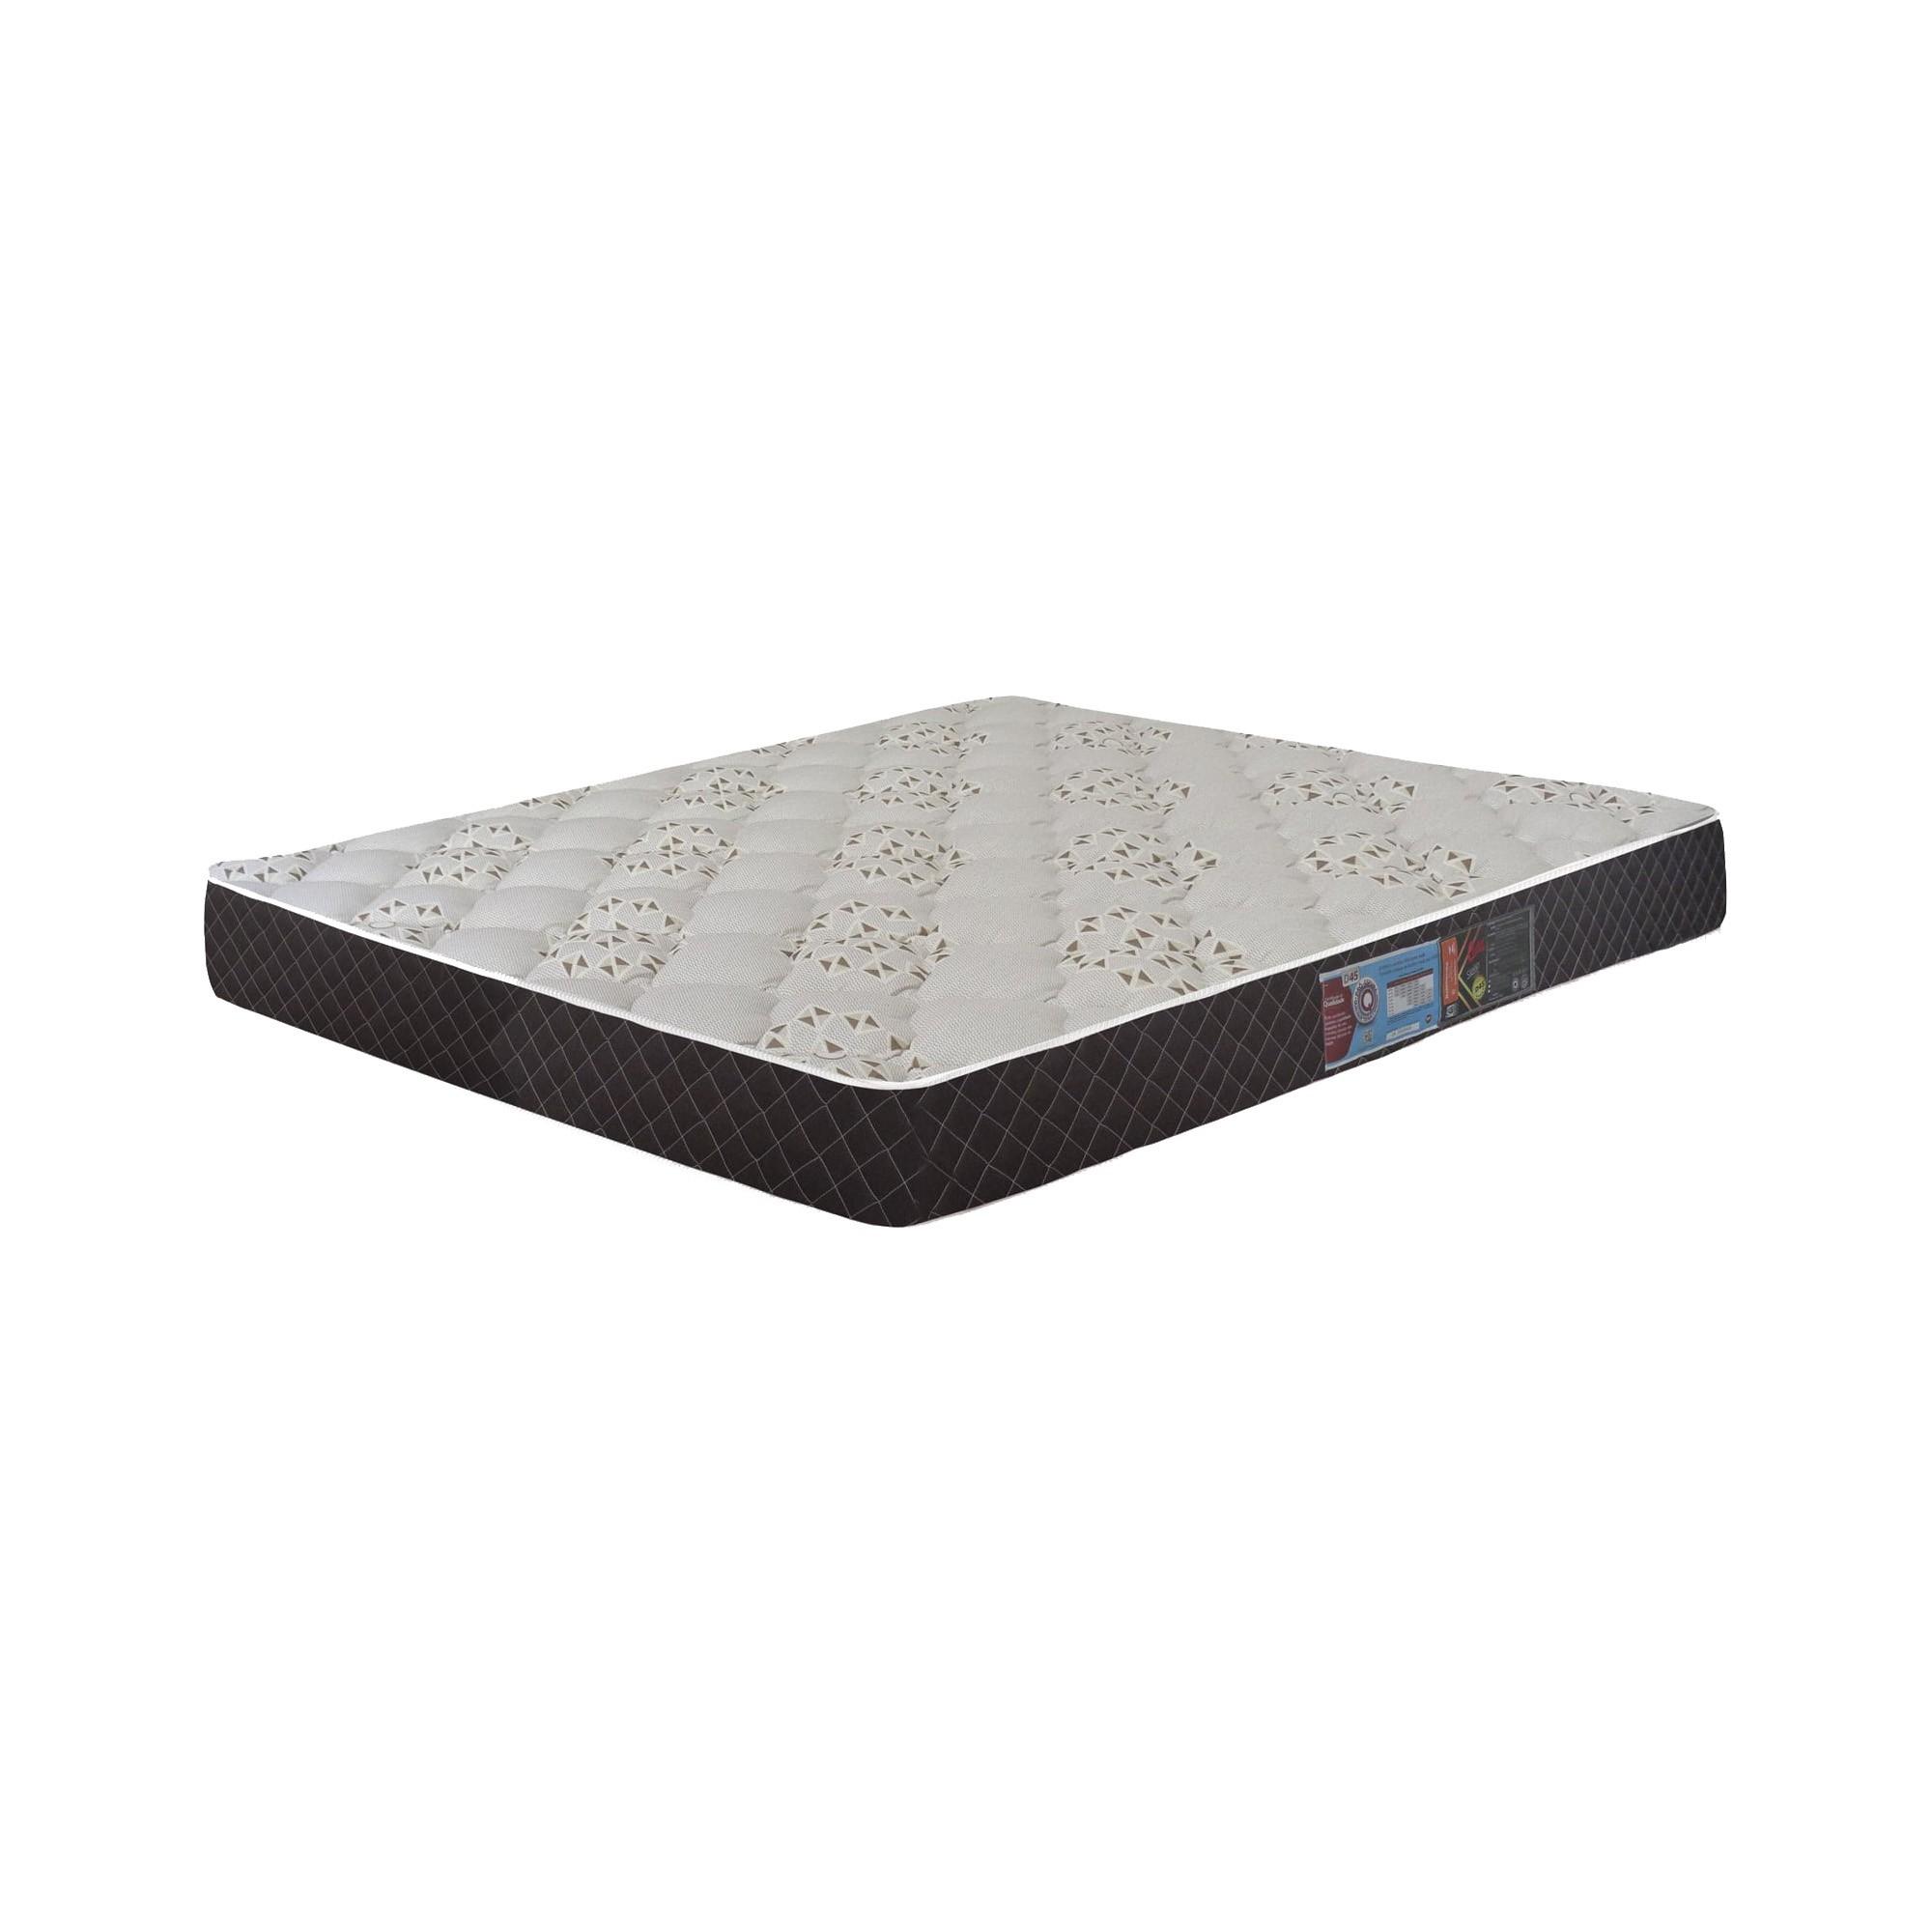 Colchão Castor Sleep Max D45 18 cm [Solteiro 078 x 188 cm]